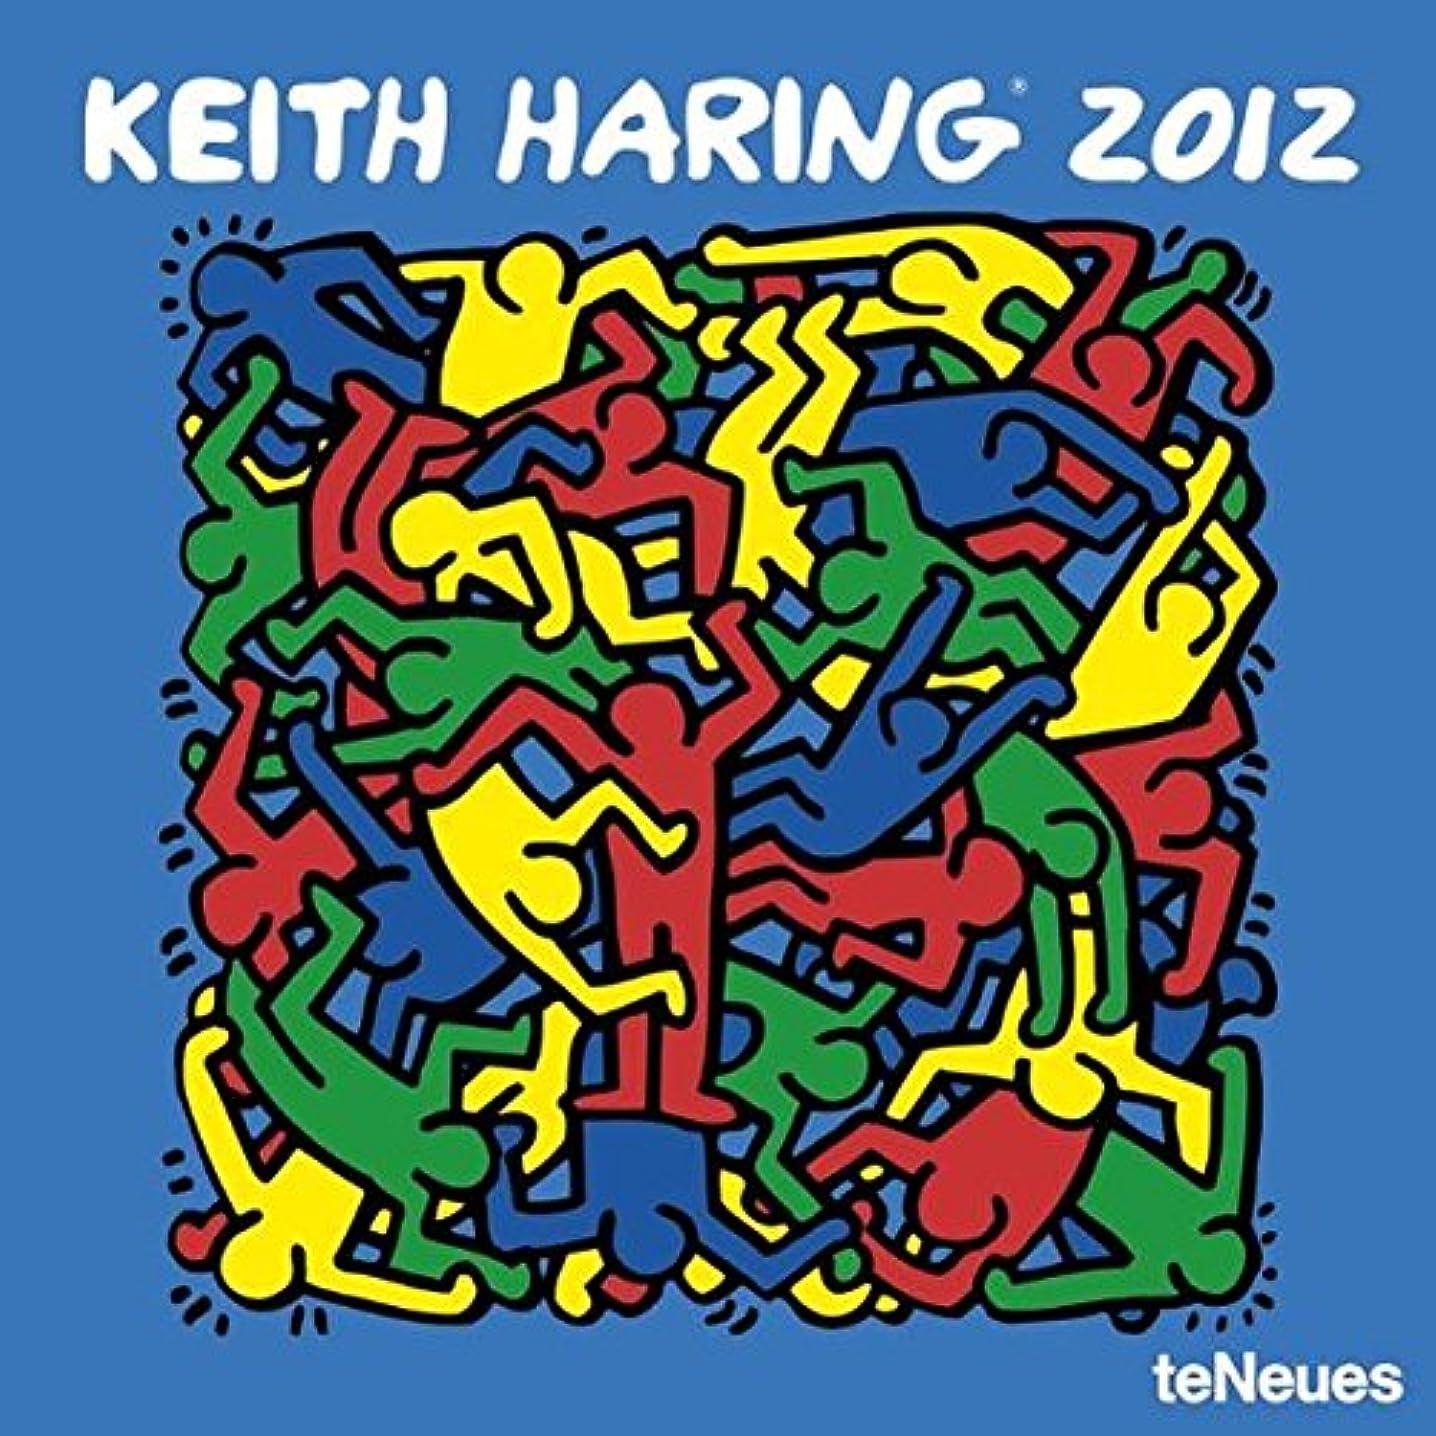 レイアウト最もアルネ2012 Keith Haring Grid Calendar